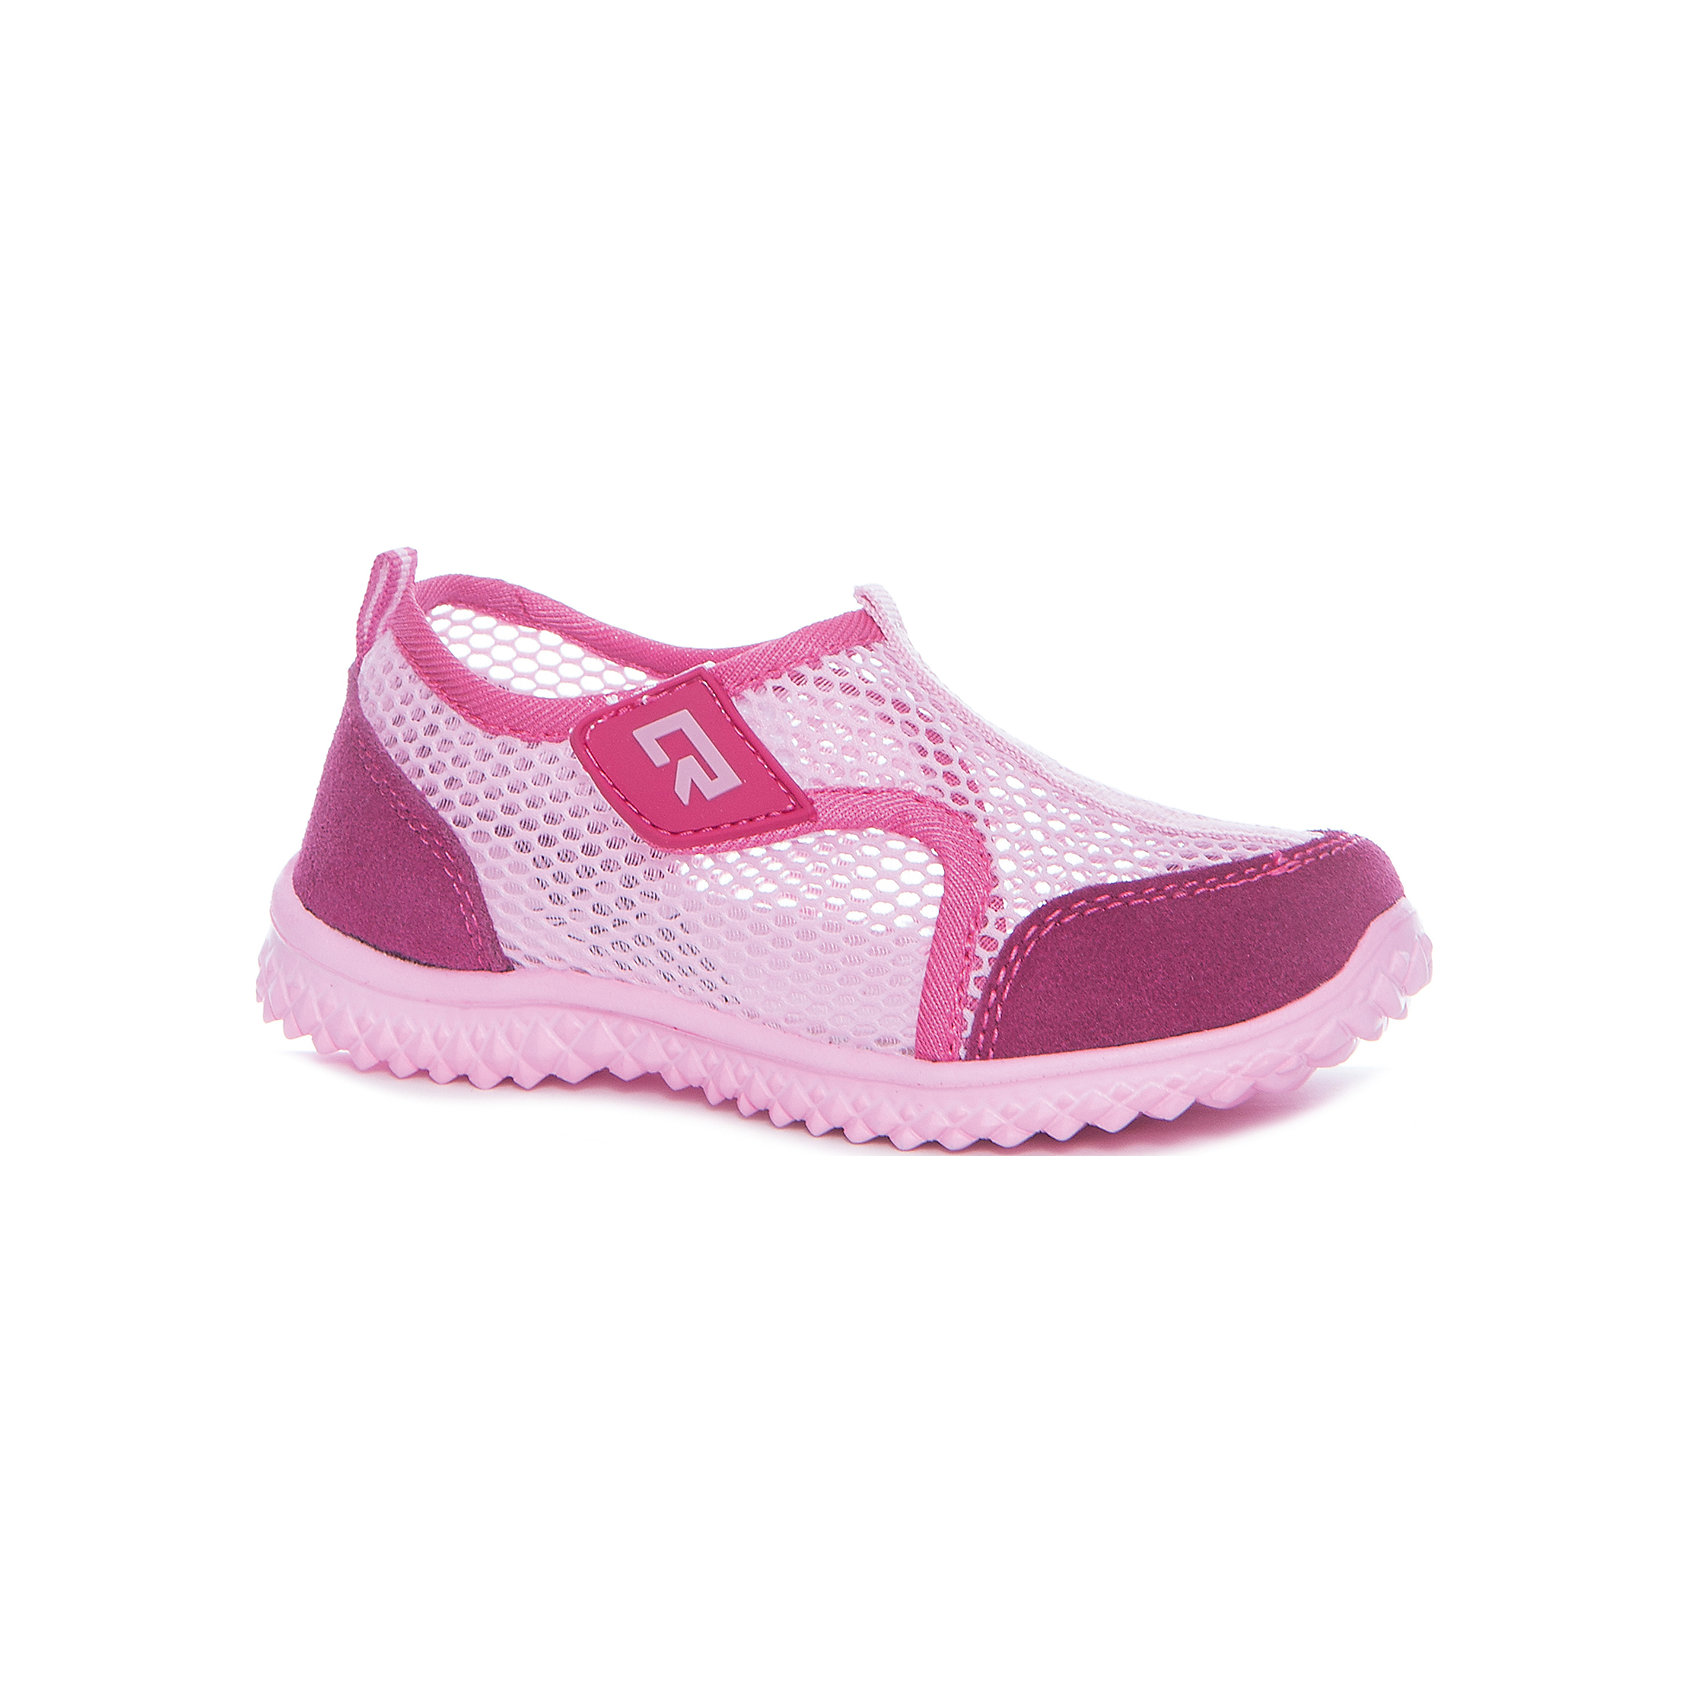 Кроссовки для девочки CROSBY, розовый